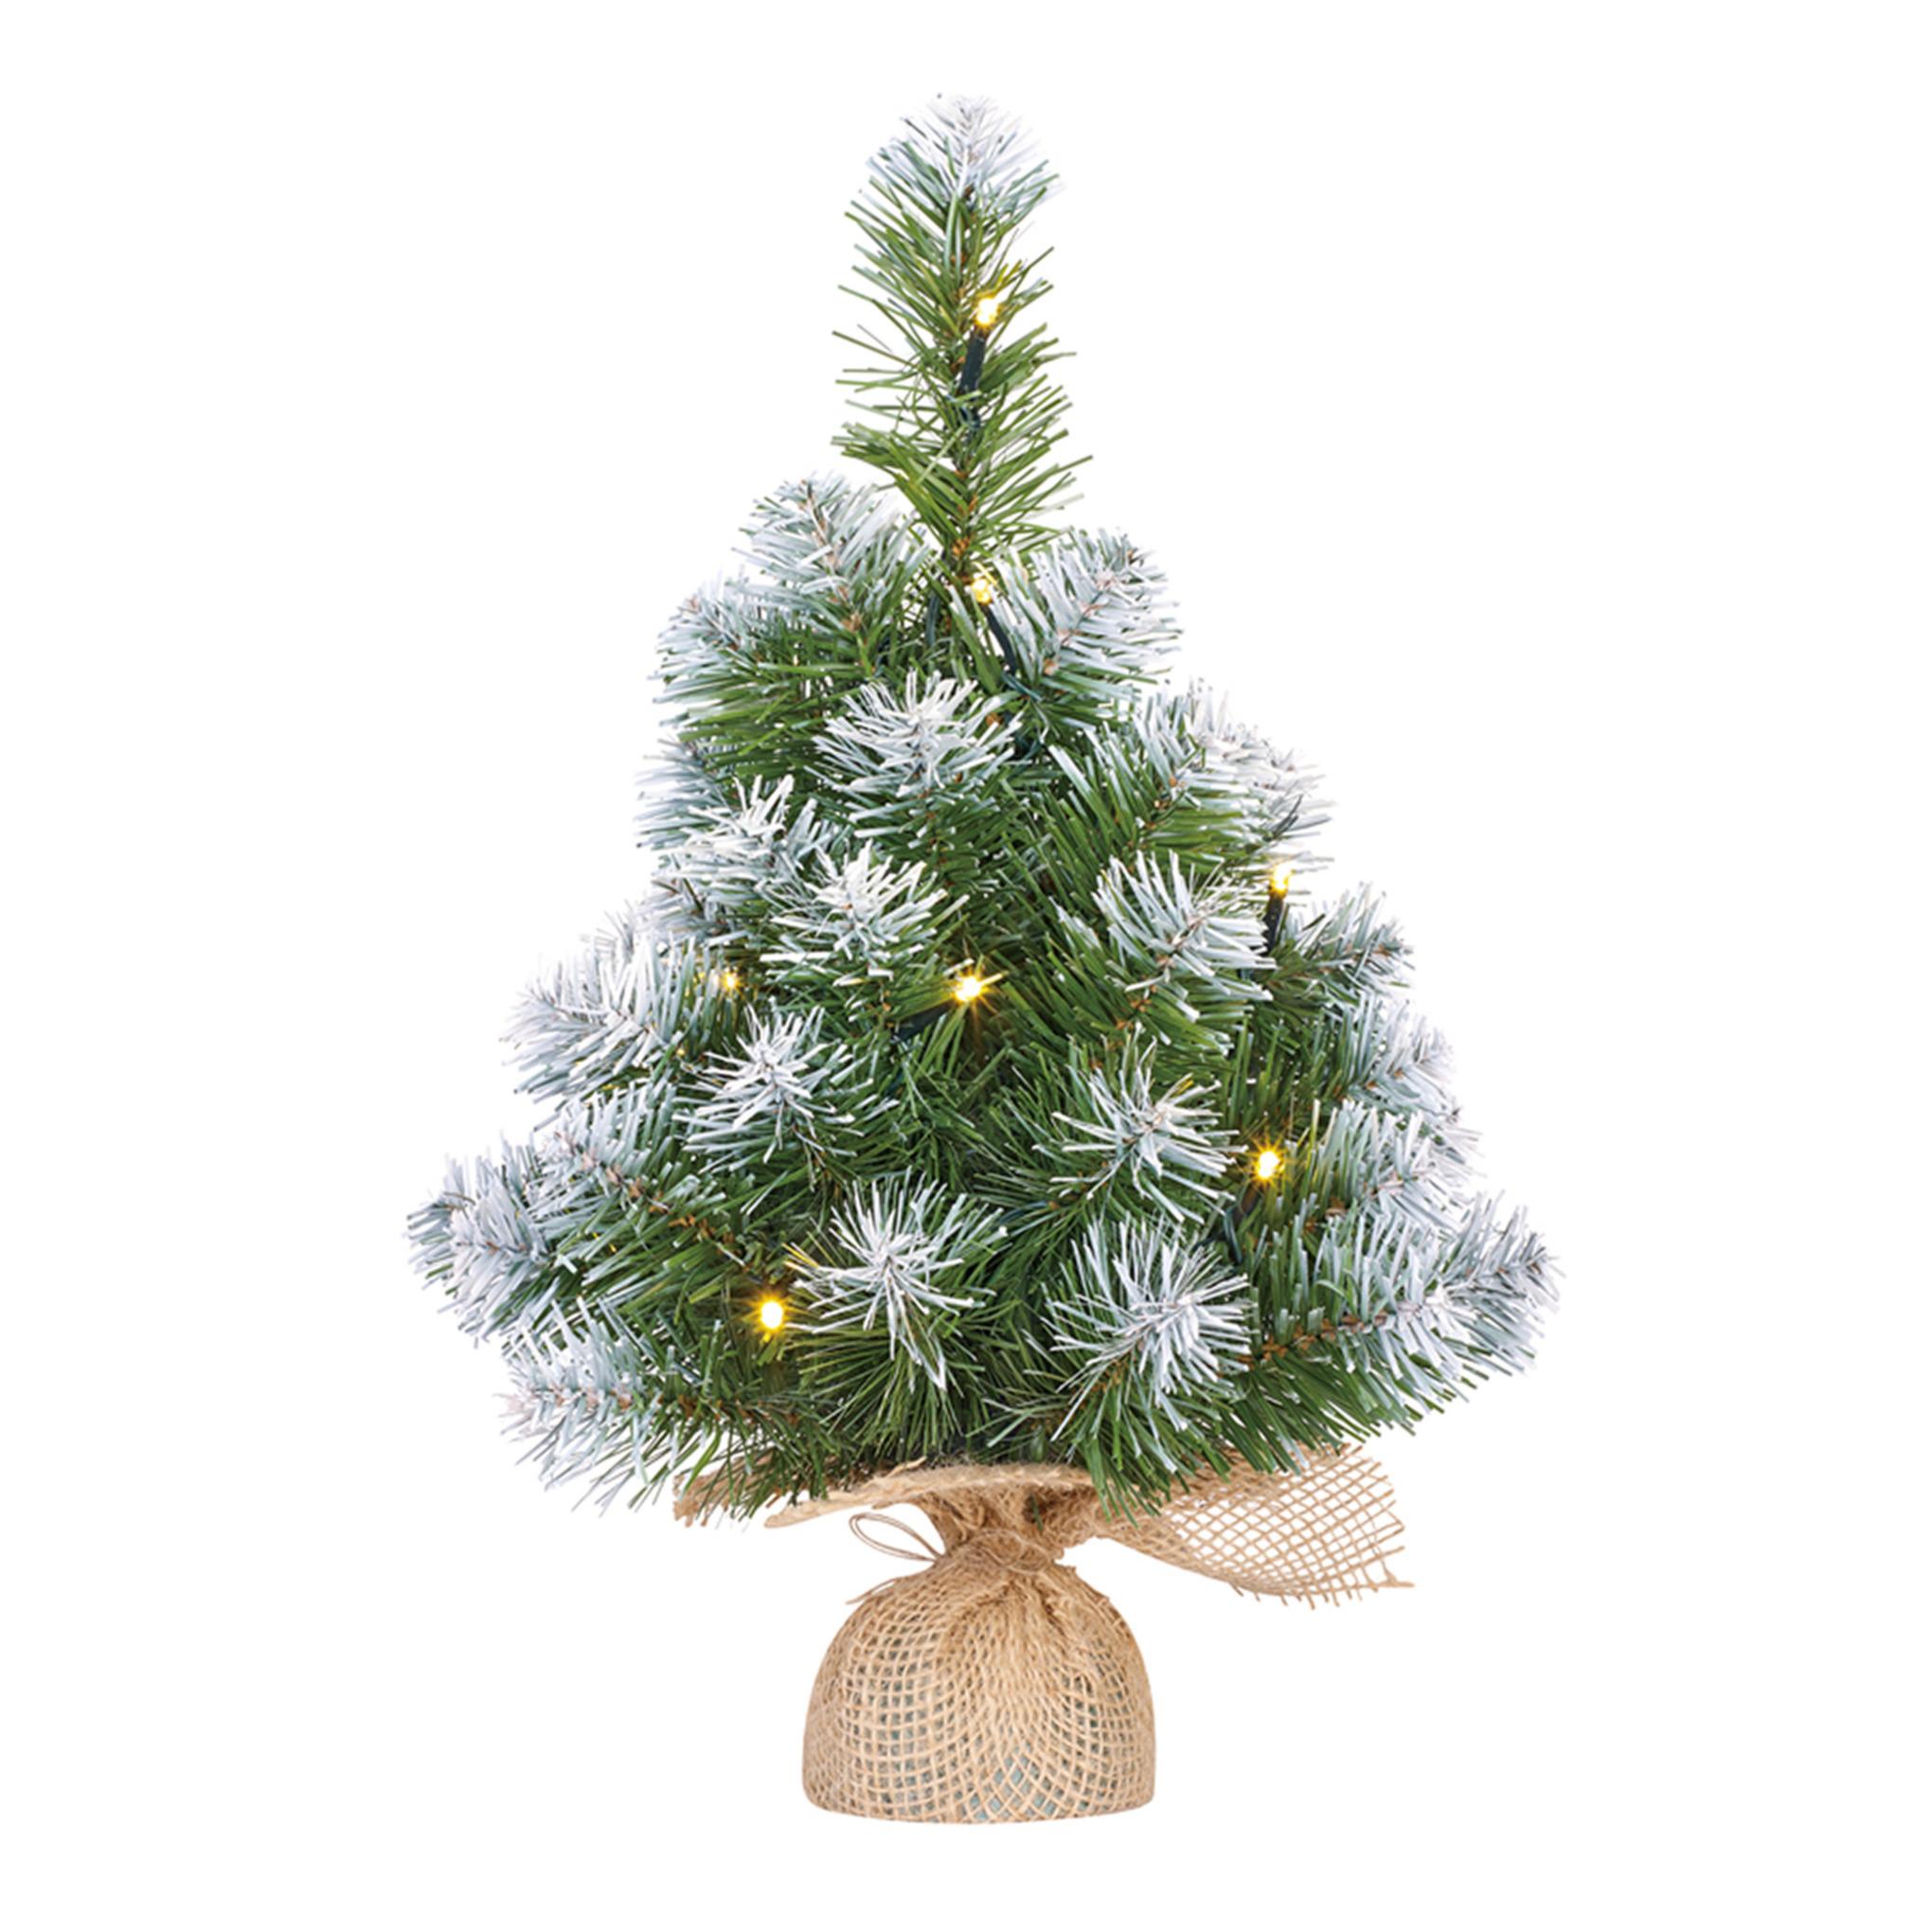 Mini kunst kerstboom-kunstboom in jute zak met verlichting en sneeuw 45 cm